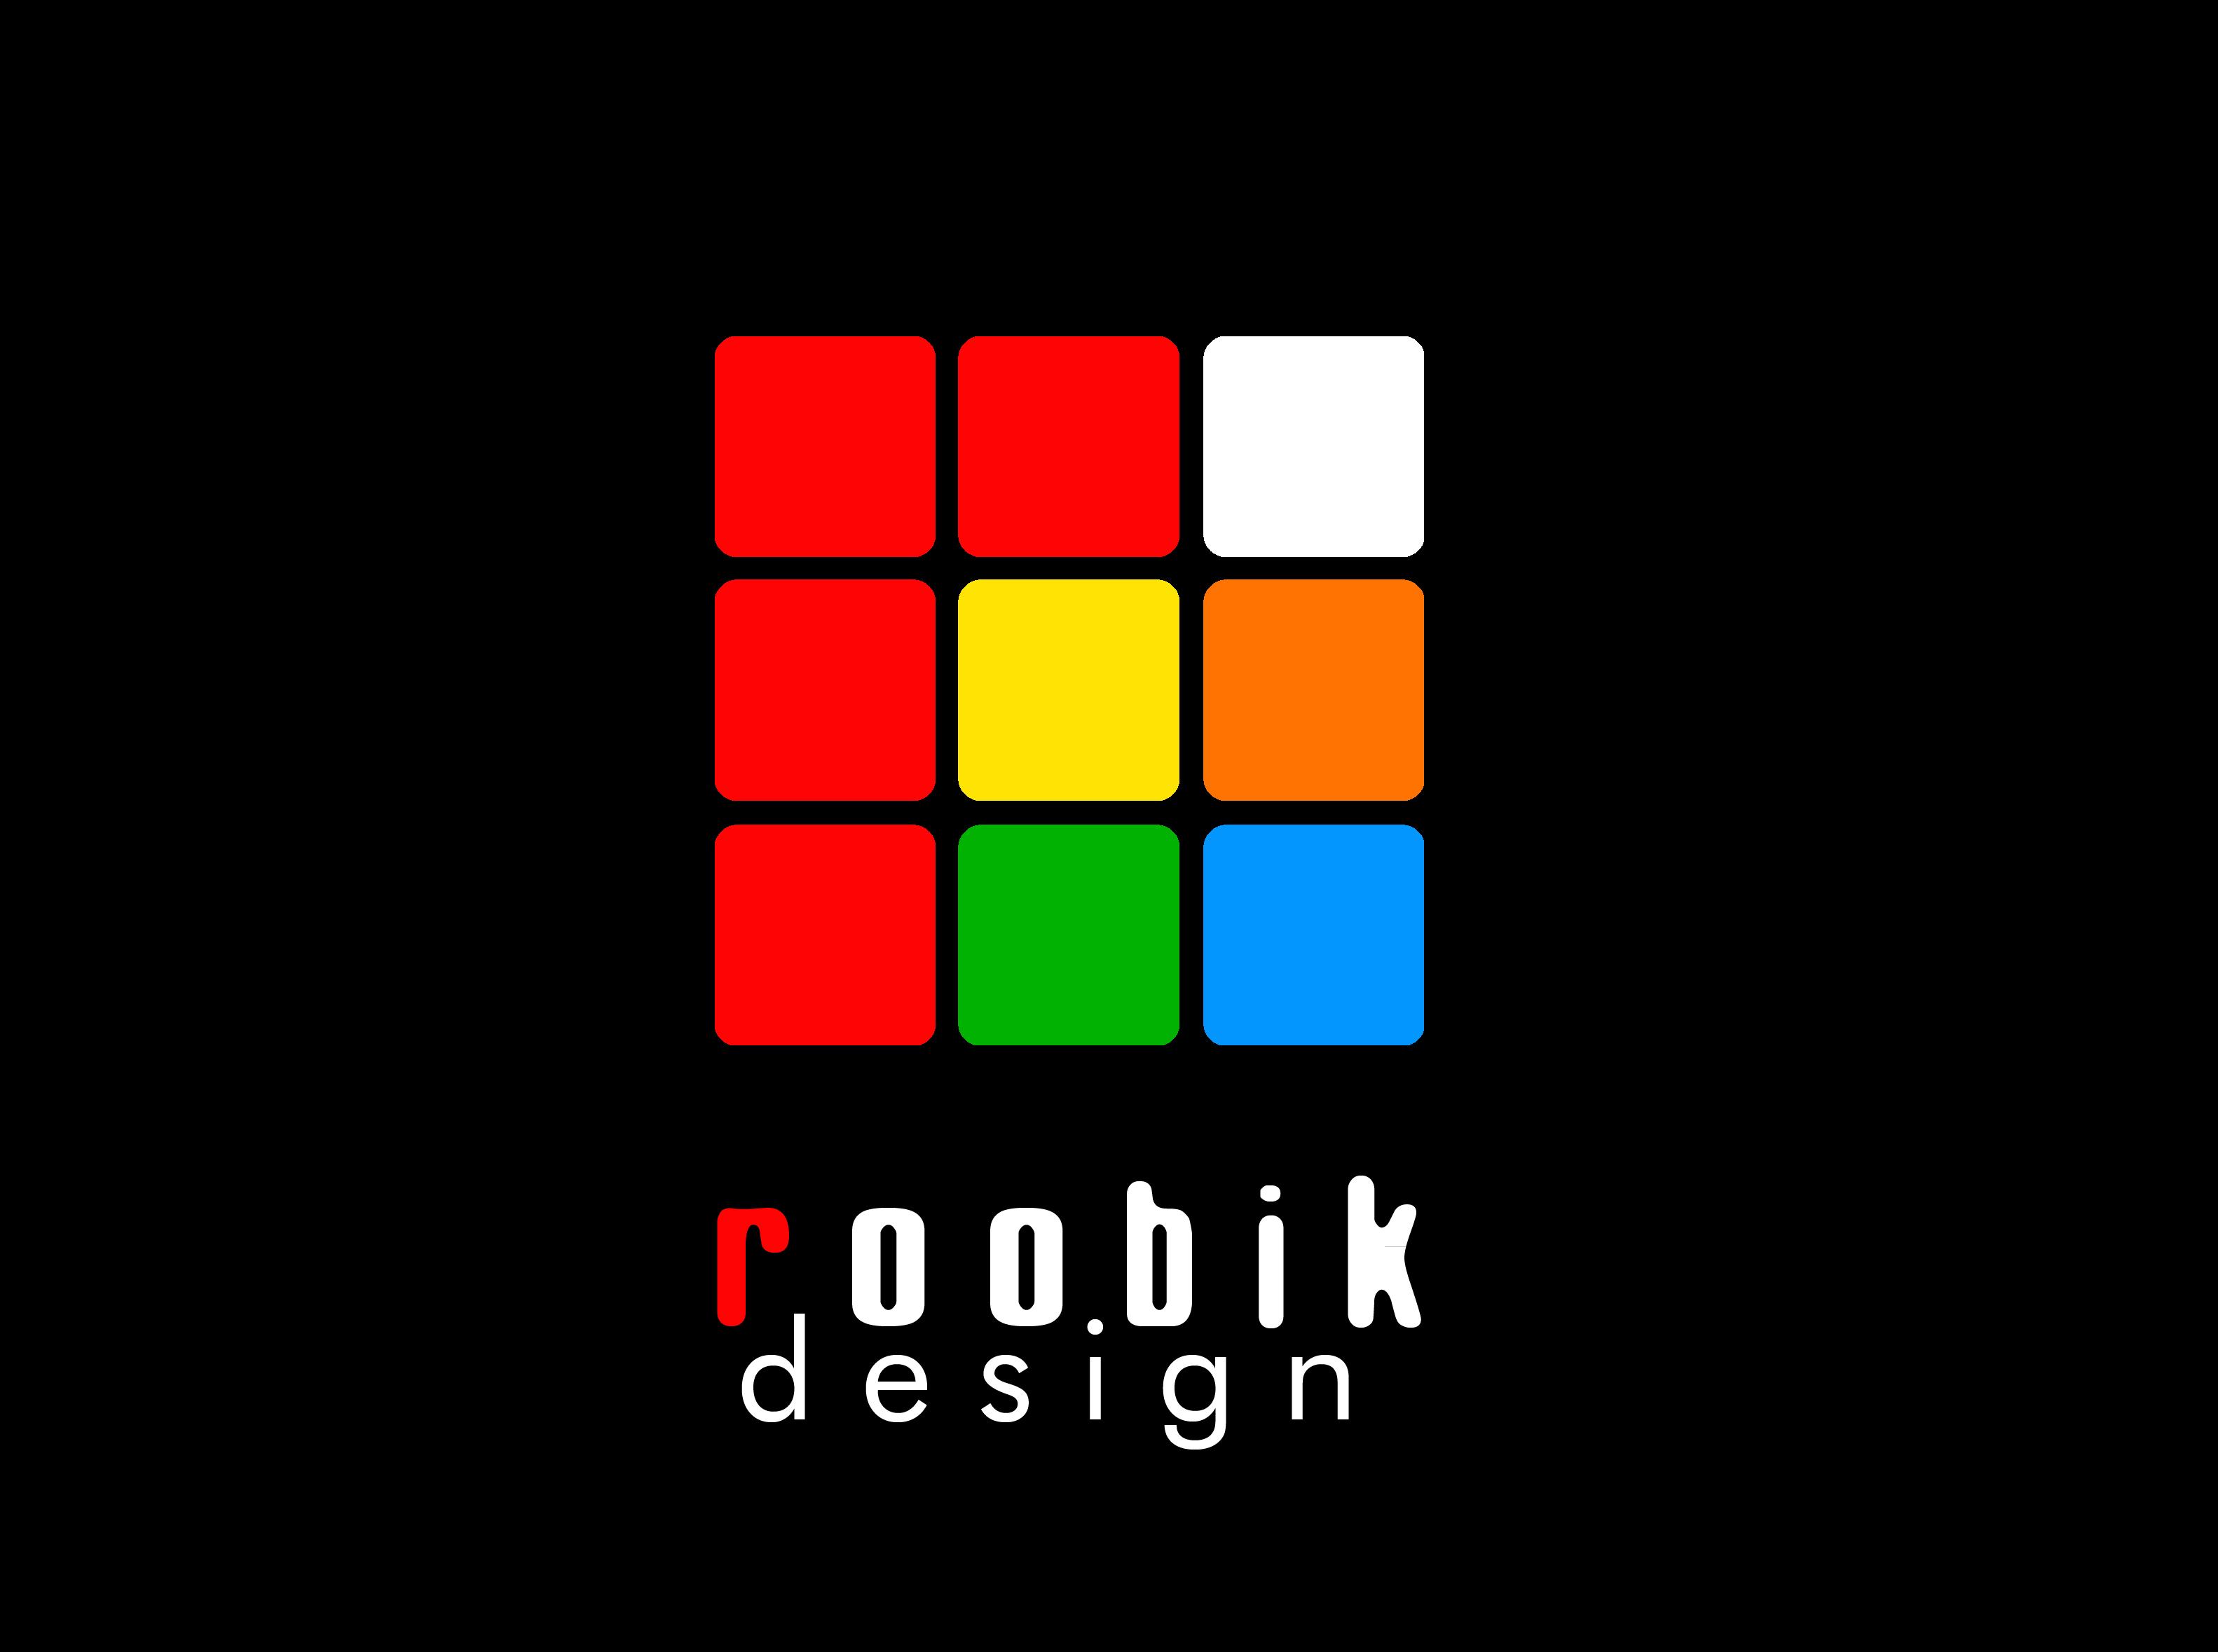 roobik design brands of